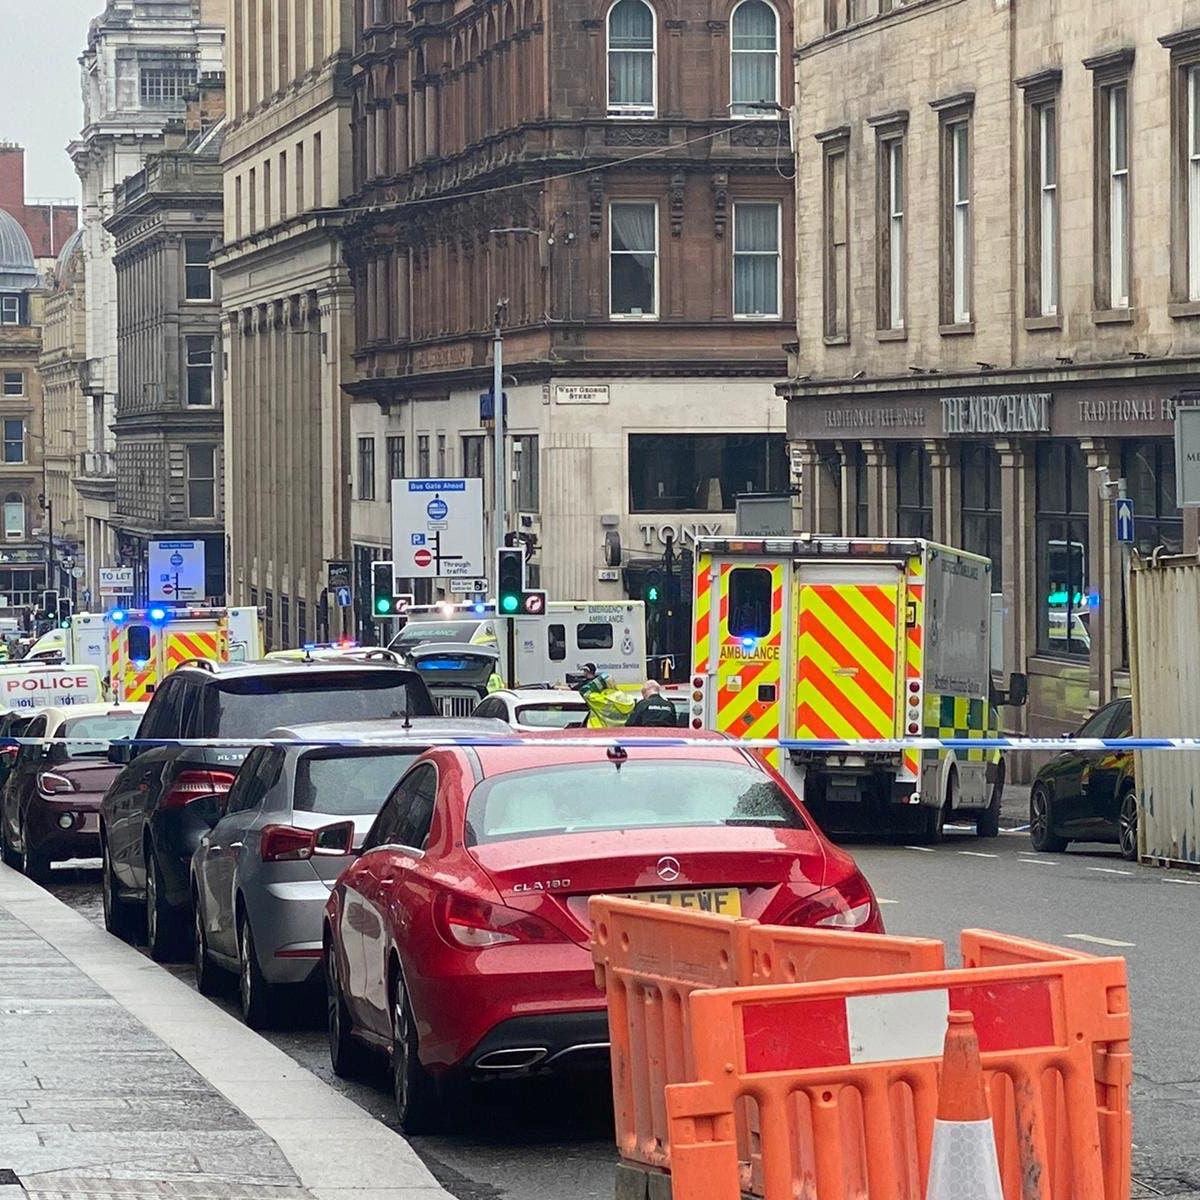 حادث طعن في أكبر مدن اسكتلندا.. ومقتل 3